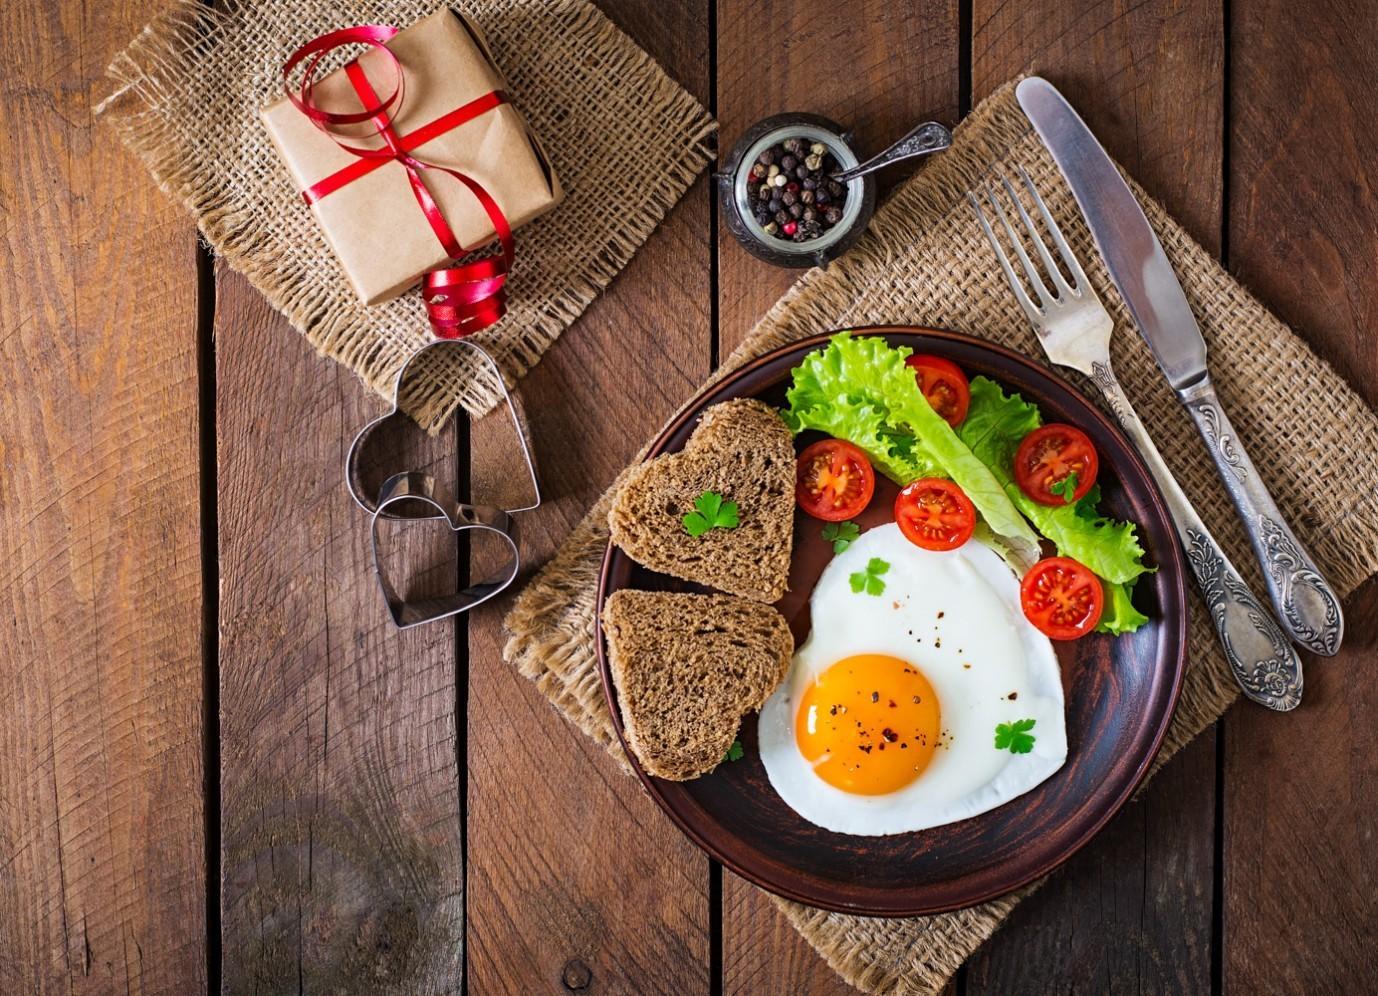 Завтрак на 8 марта - 8 вкусных и простых идей для идеального завтрака